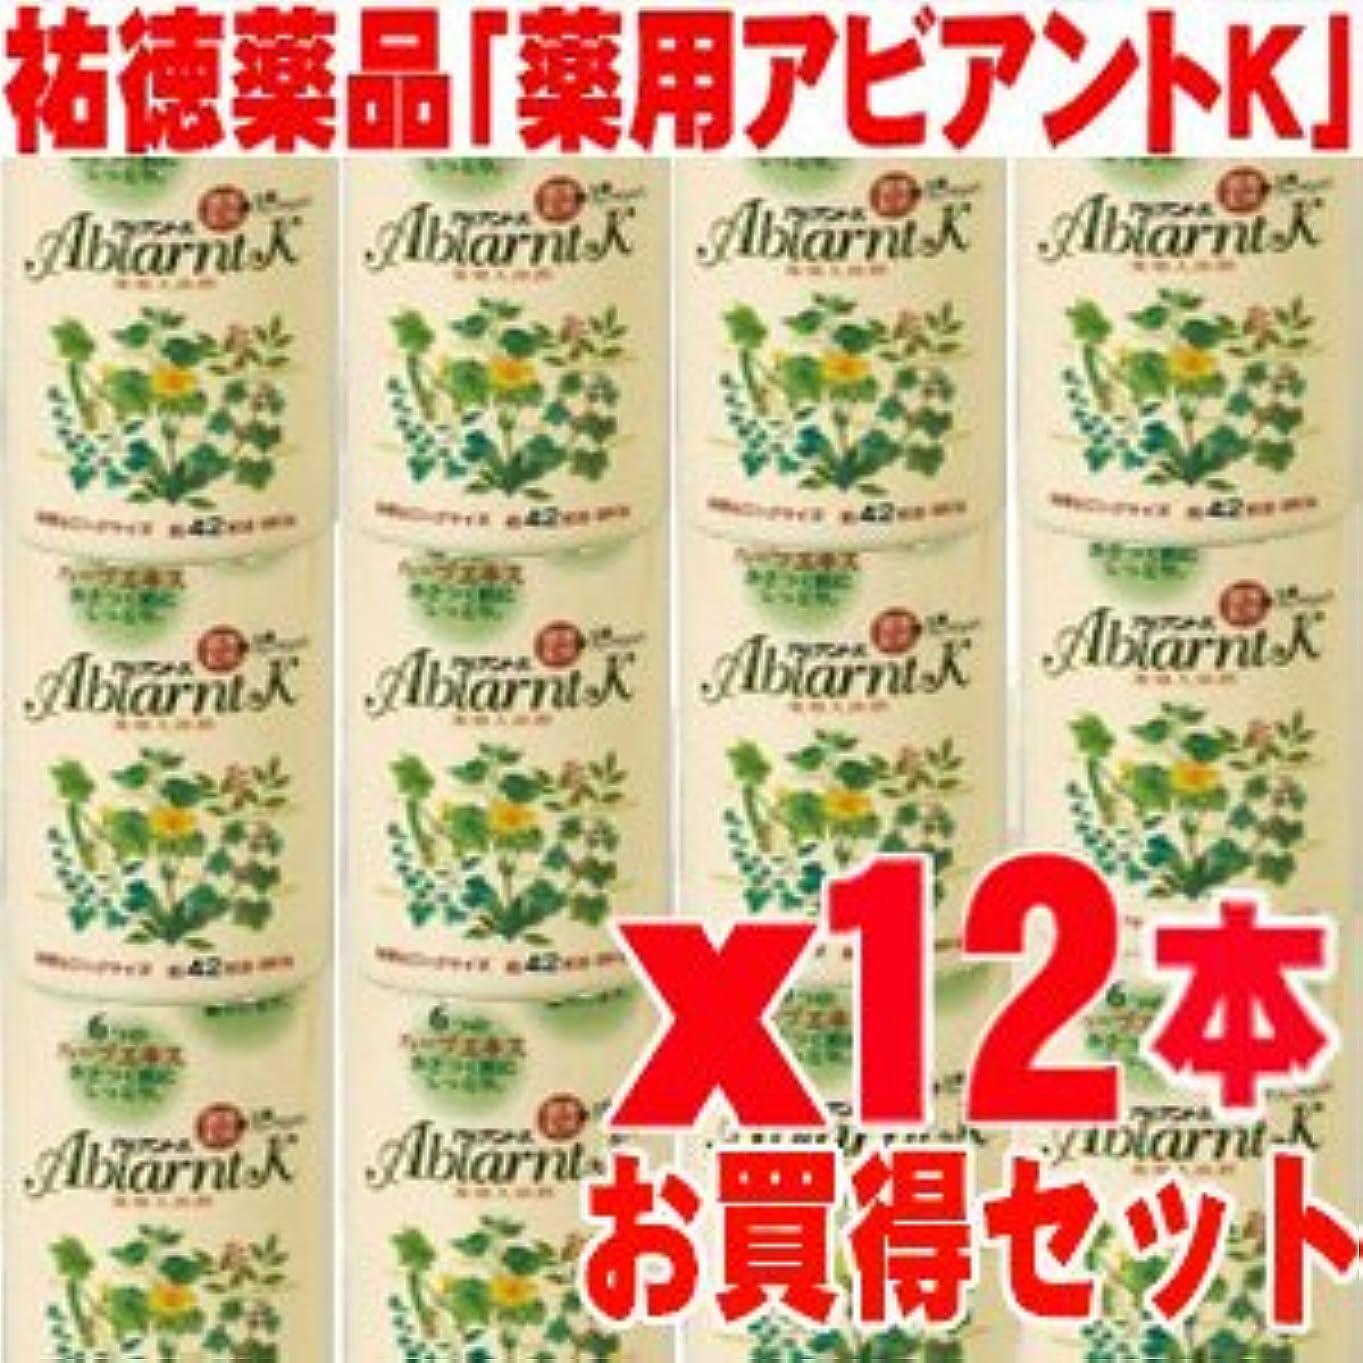 クリスマス楽しい昨日アビアントK 薬用入浴剤 850gx12本 (総合計10.2kg)4987235024123